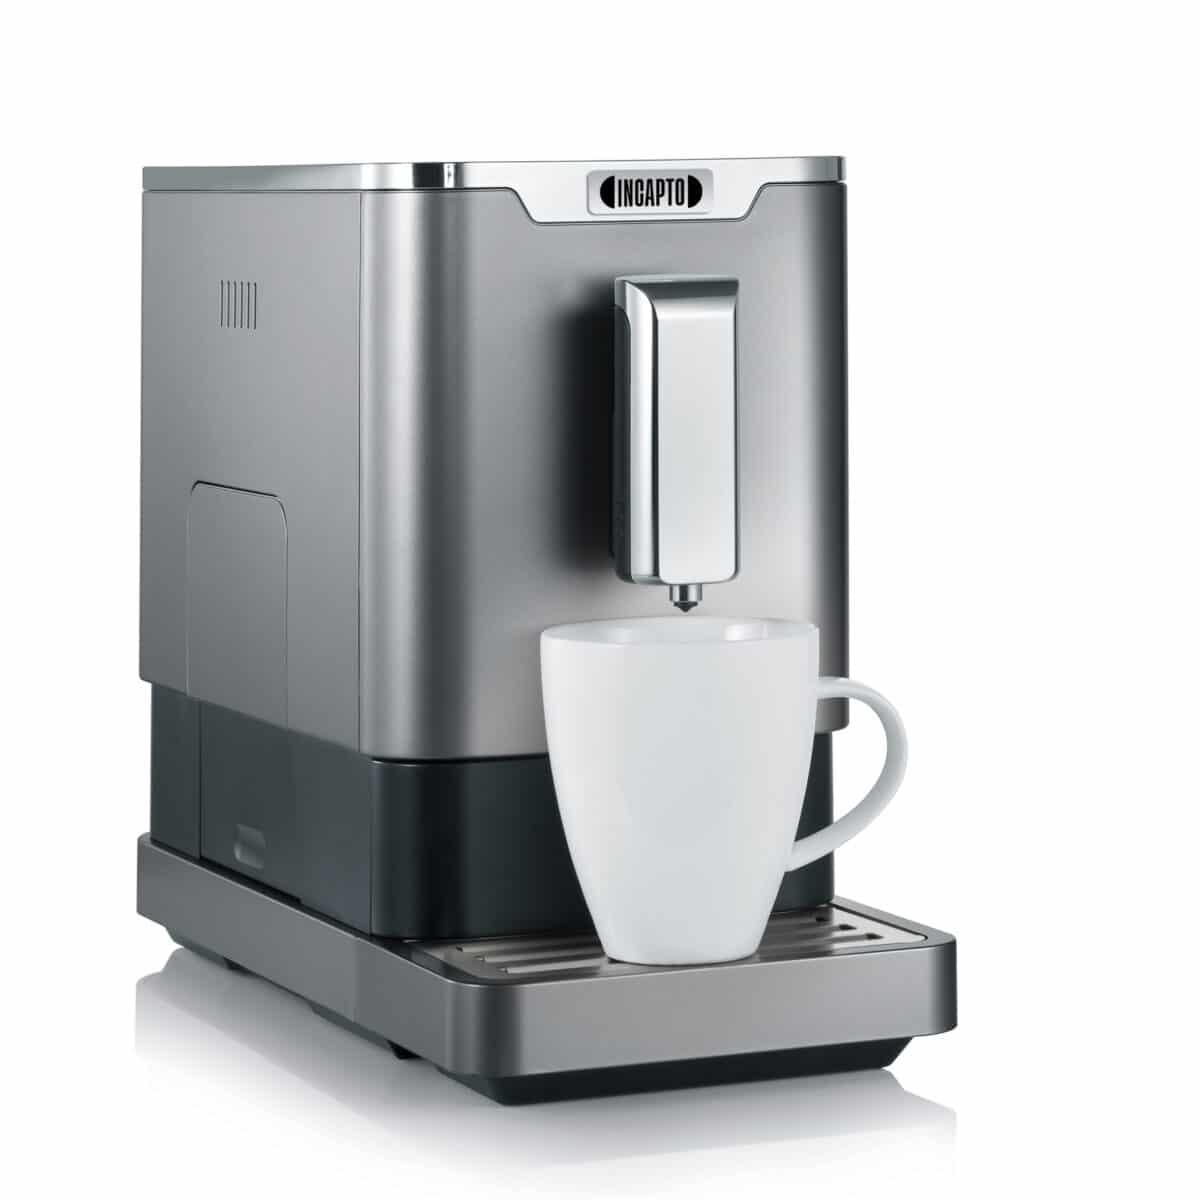 cafetera modelo gris